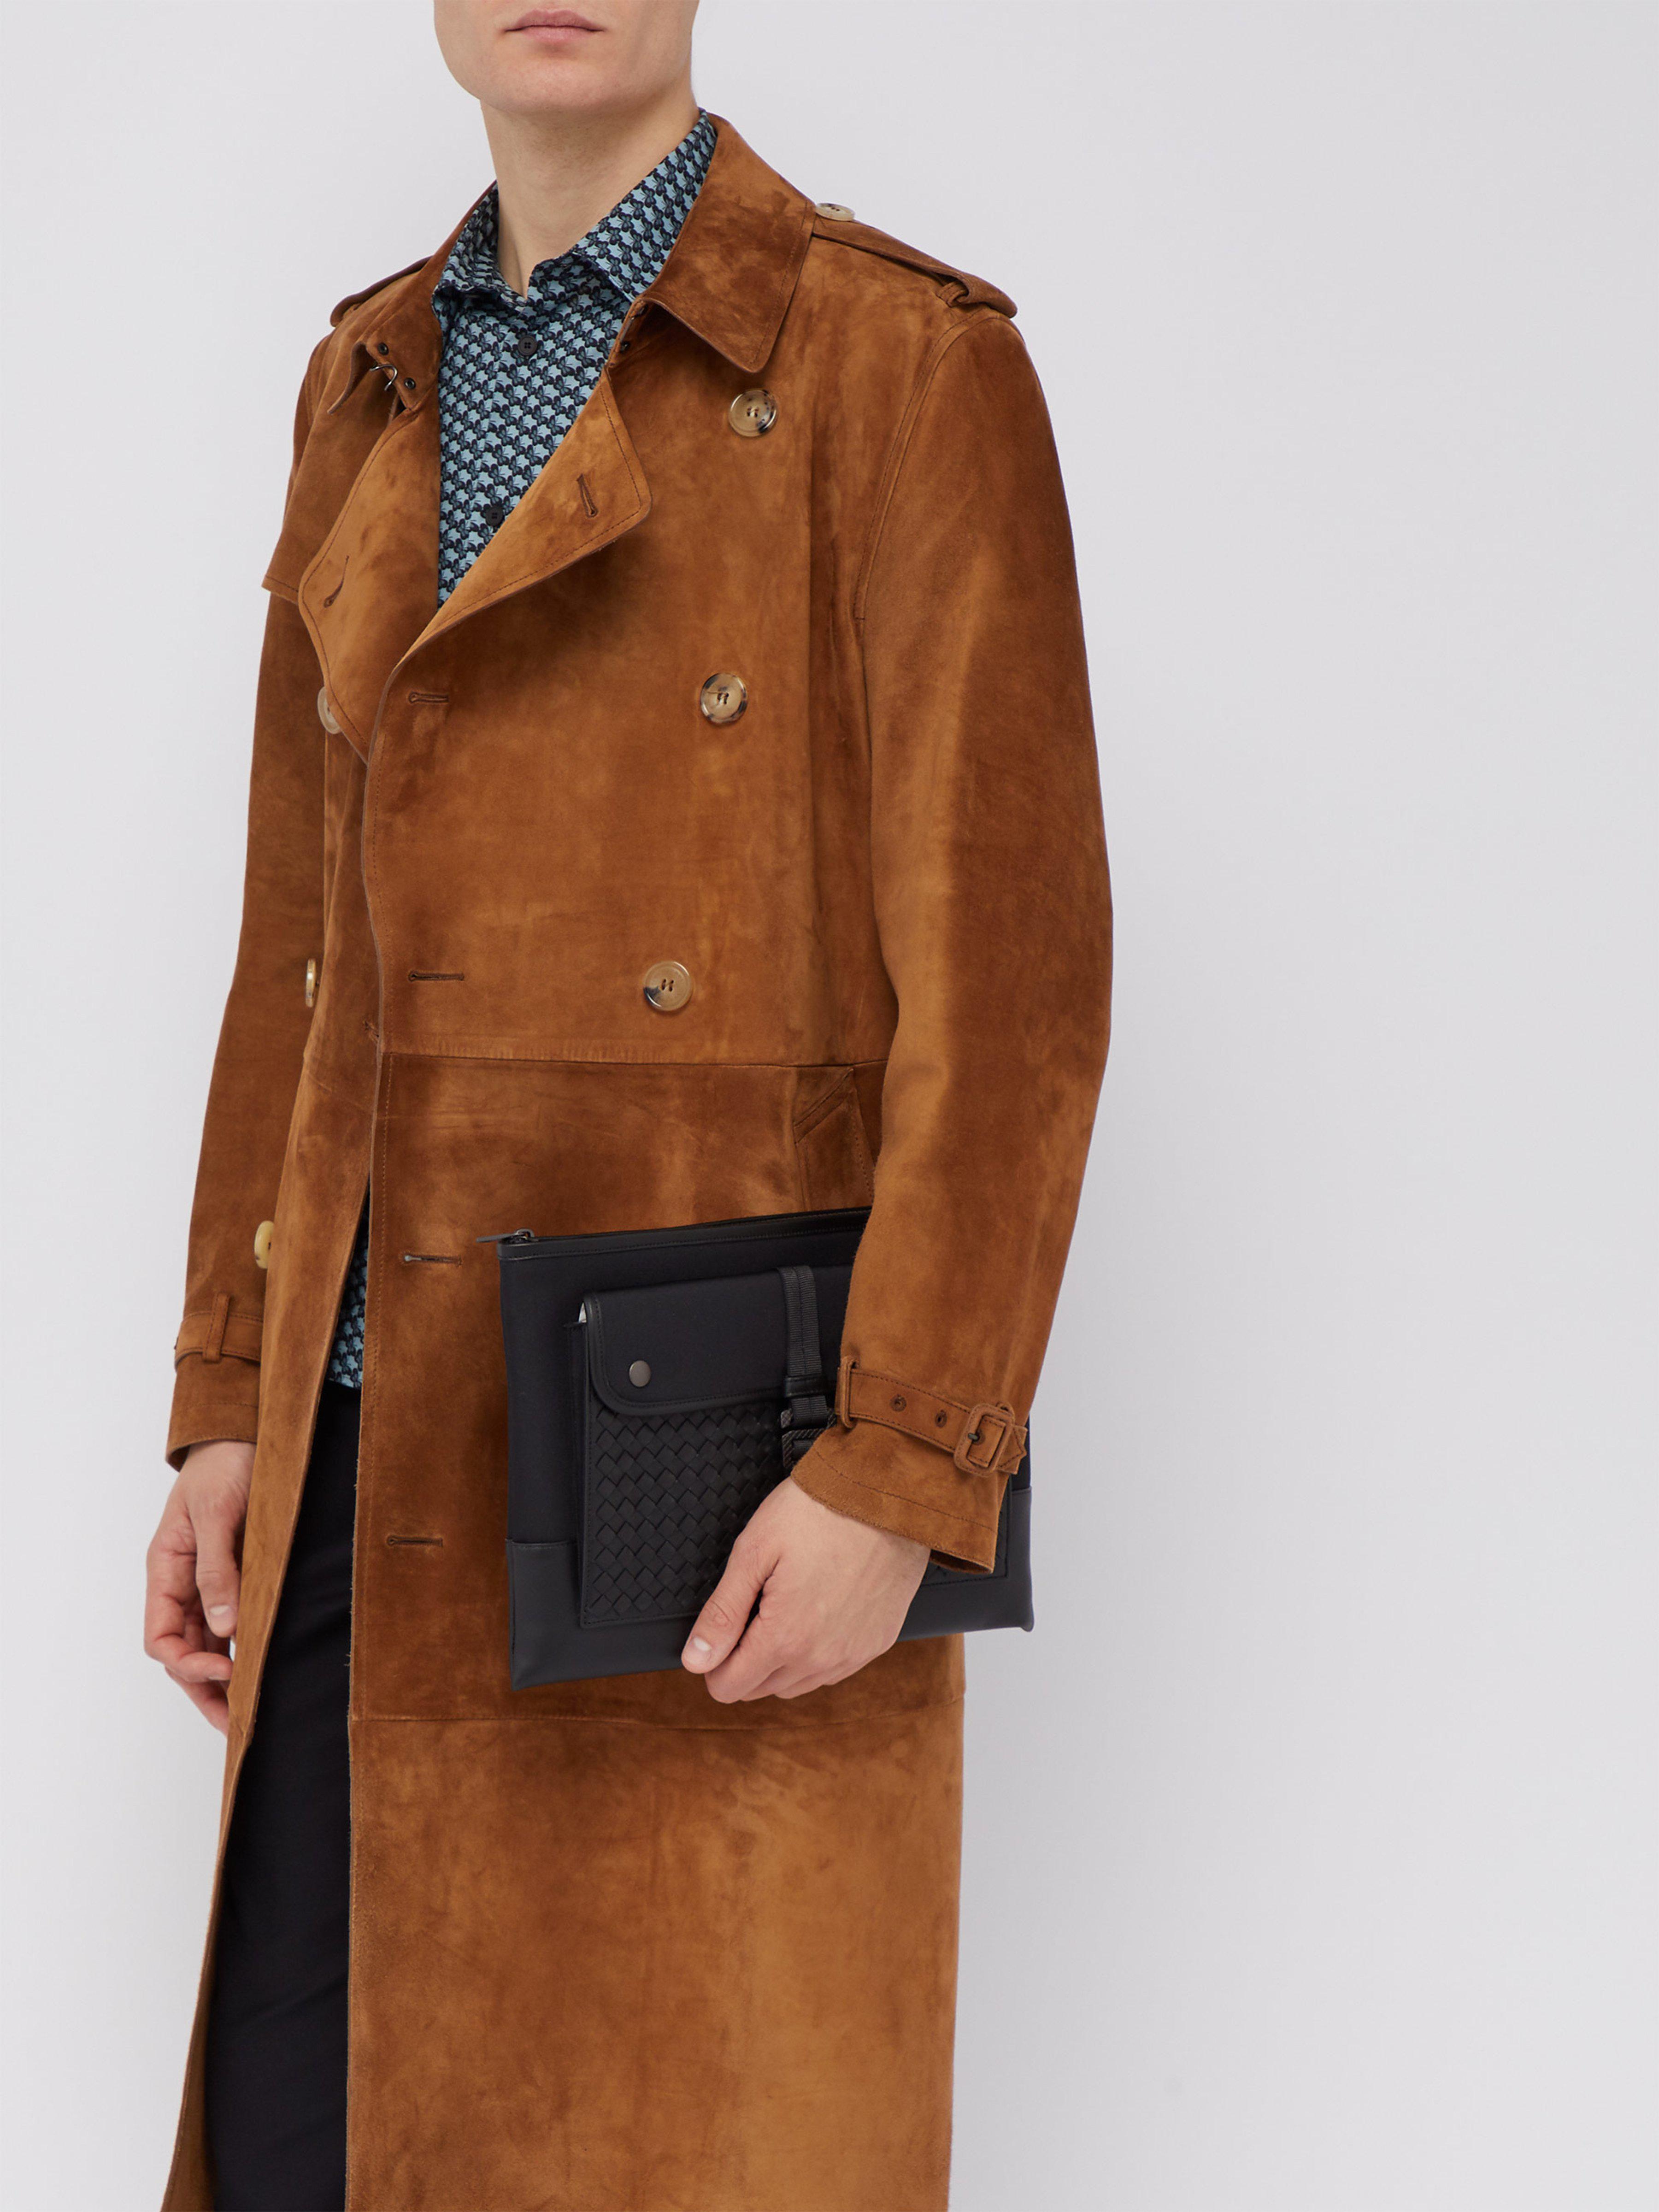 f861a5ff887c Bottega Veneta - Black Intrecciato Weave Leather And Canvas Pouch for Men -  Lyst. View fullscreen